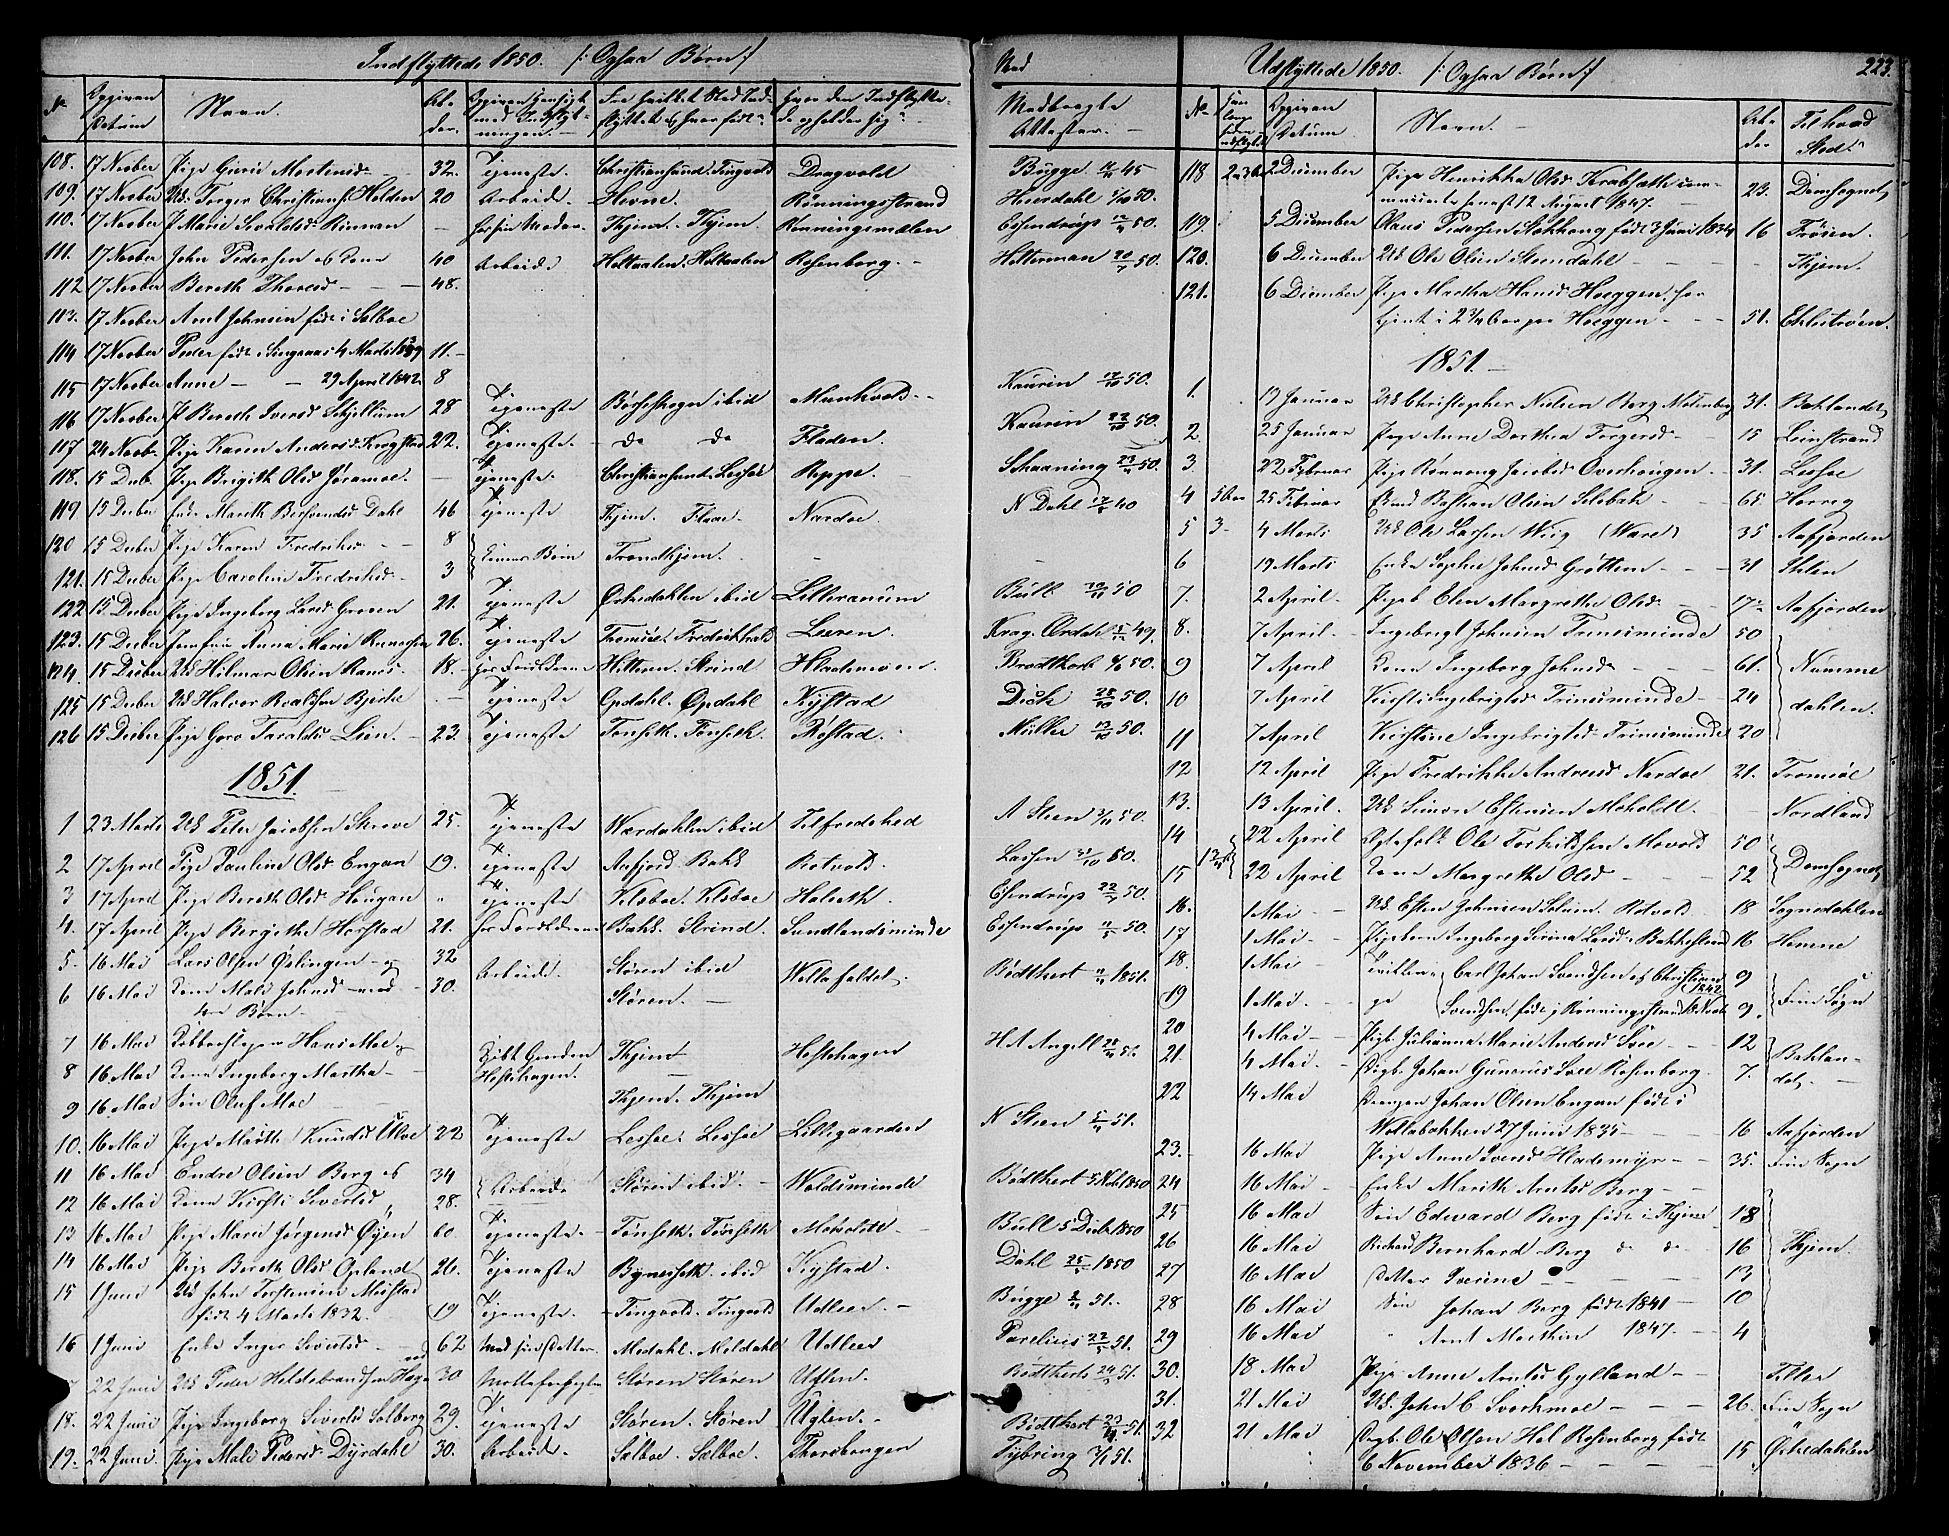 SAT, Ministerialprotokoller, klokkerbøker og fødselsregistre - Sør-Trøndelag, 606/L0310: Klokkerbok nr. 606C06, 1850-1859, s. 223